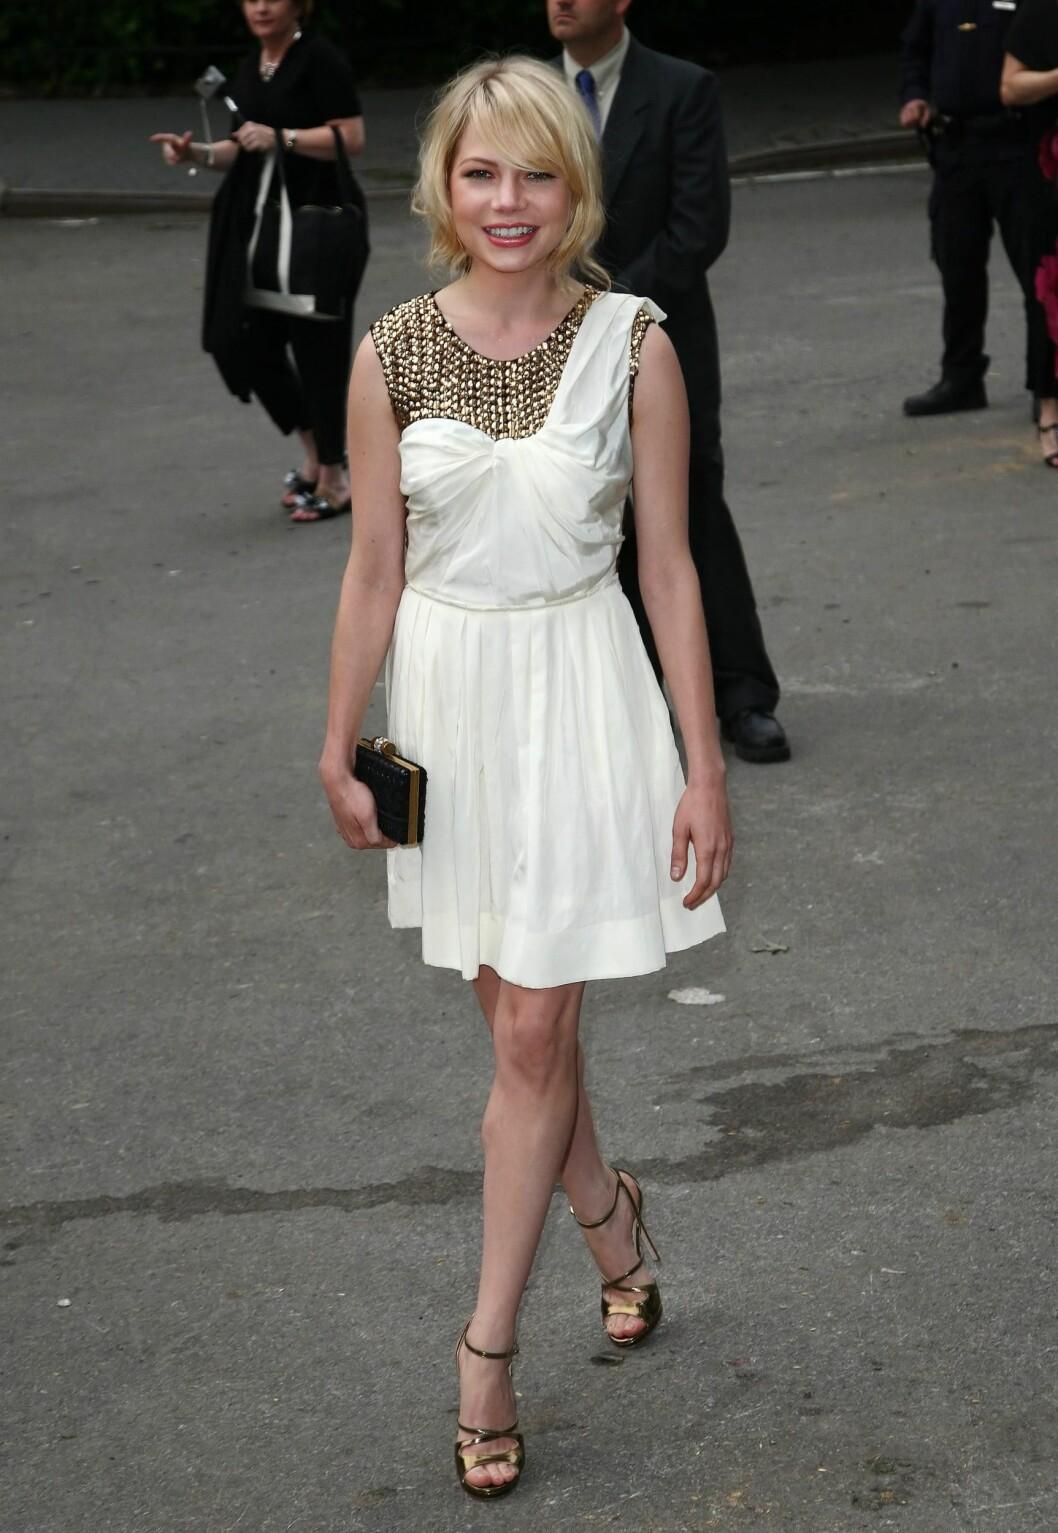 FESTENS DRONNING: Skuespiller Michelle Williams i funky hvit kjole med rocka detaljer.  Foto: All Over Press